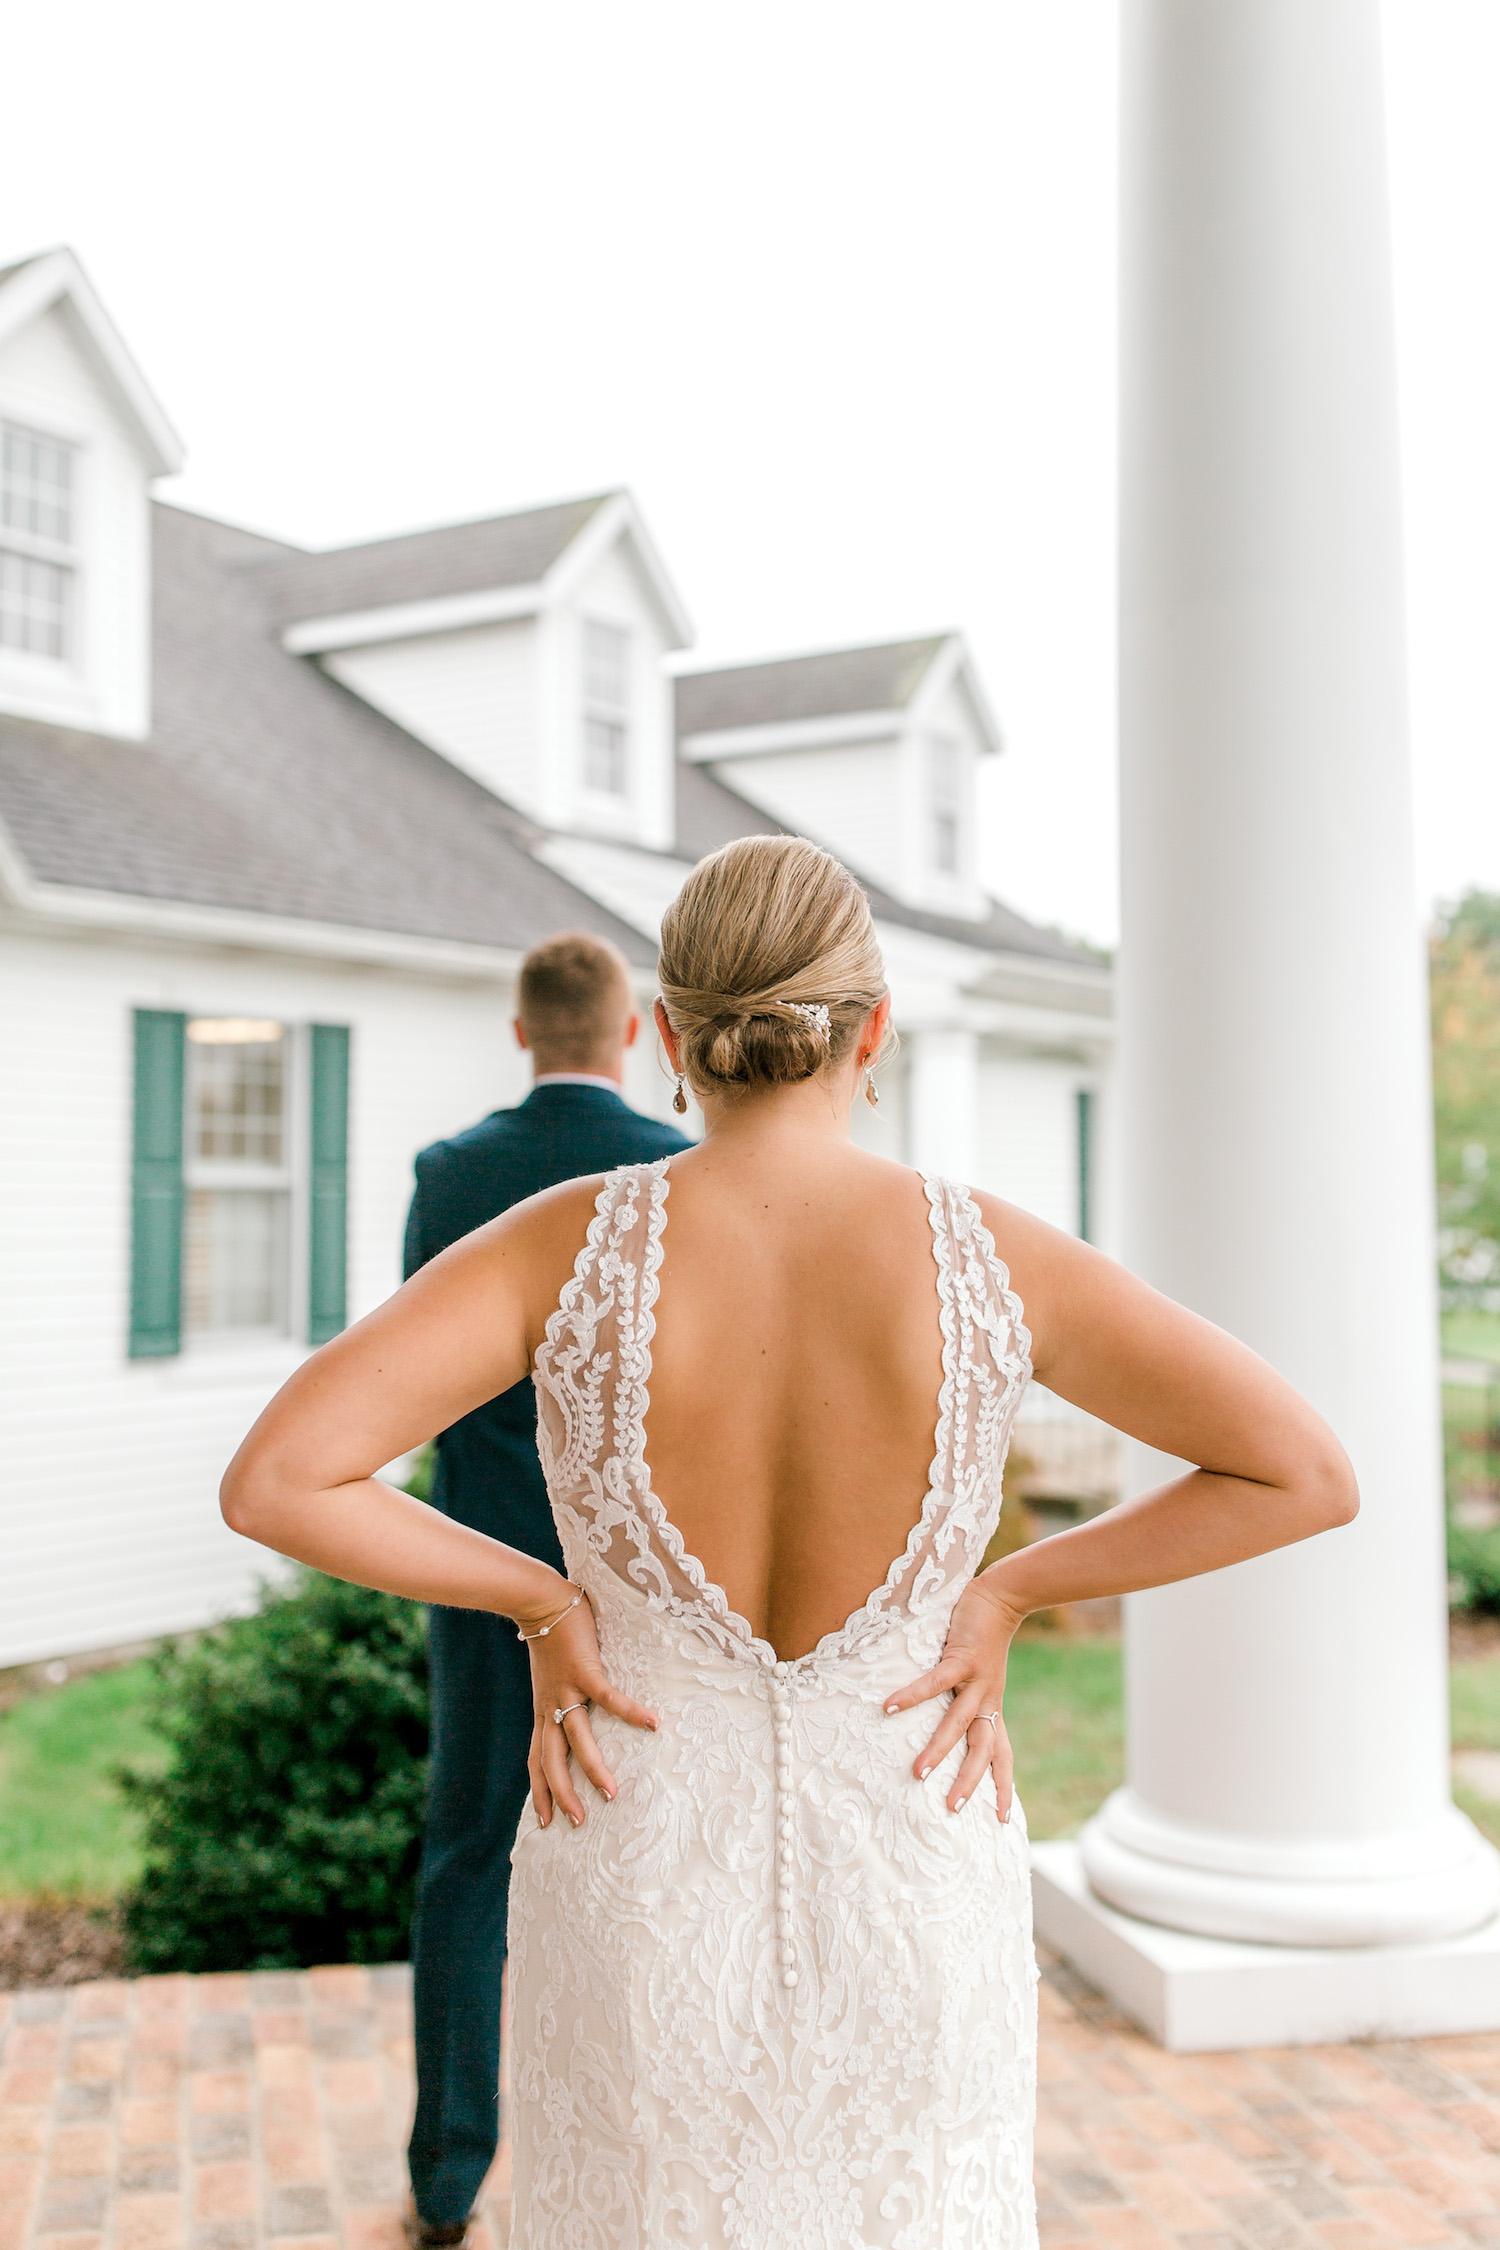 Bride standing behind her groom